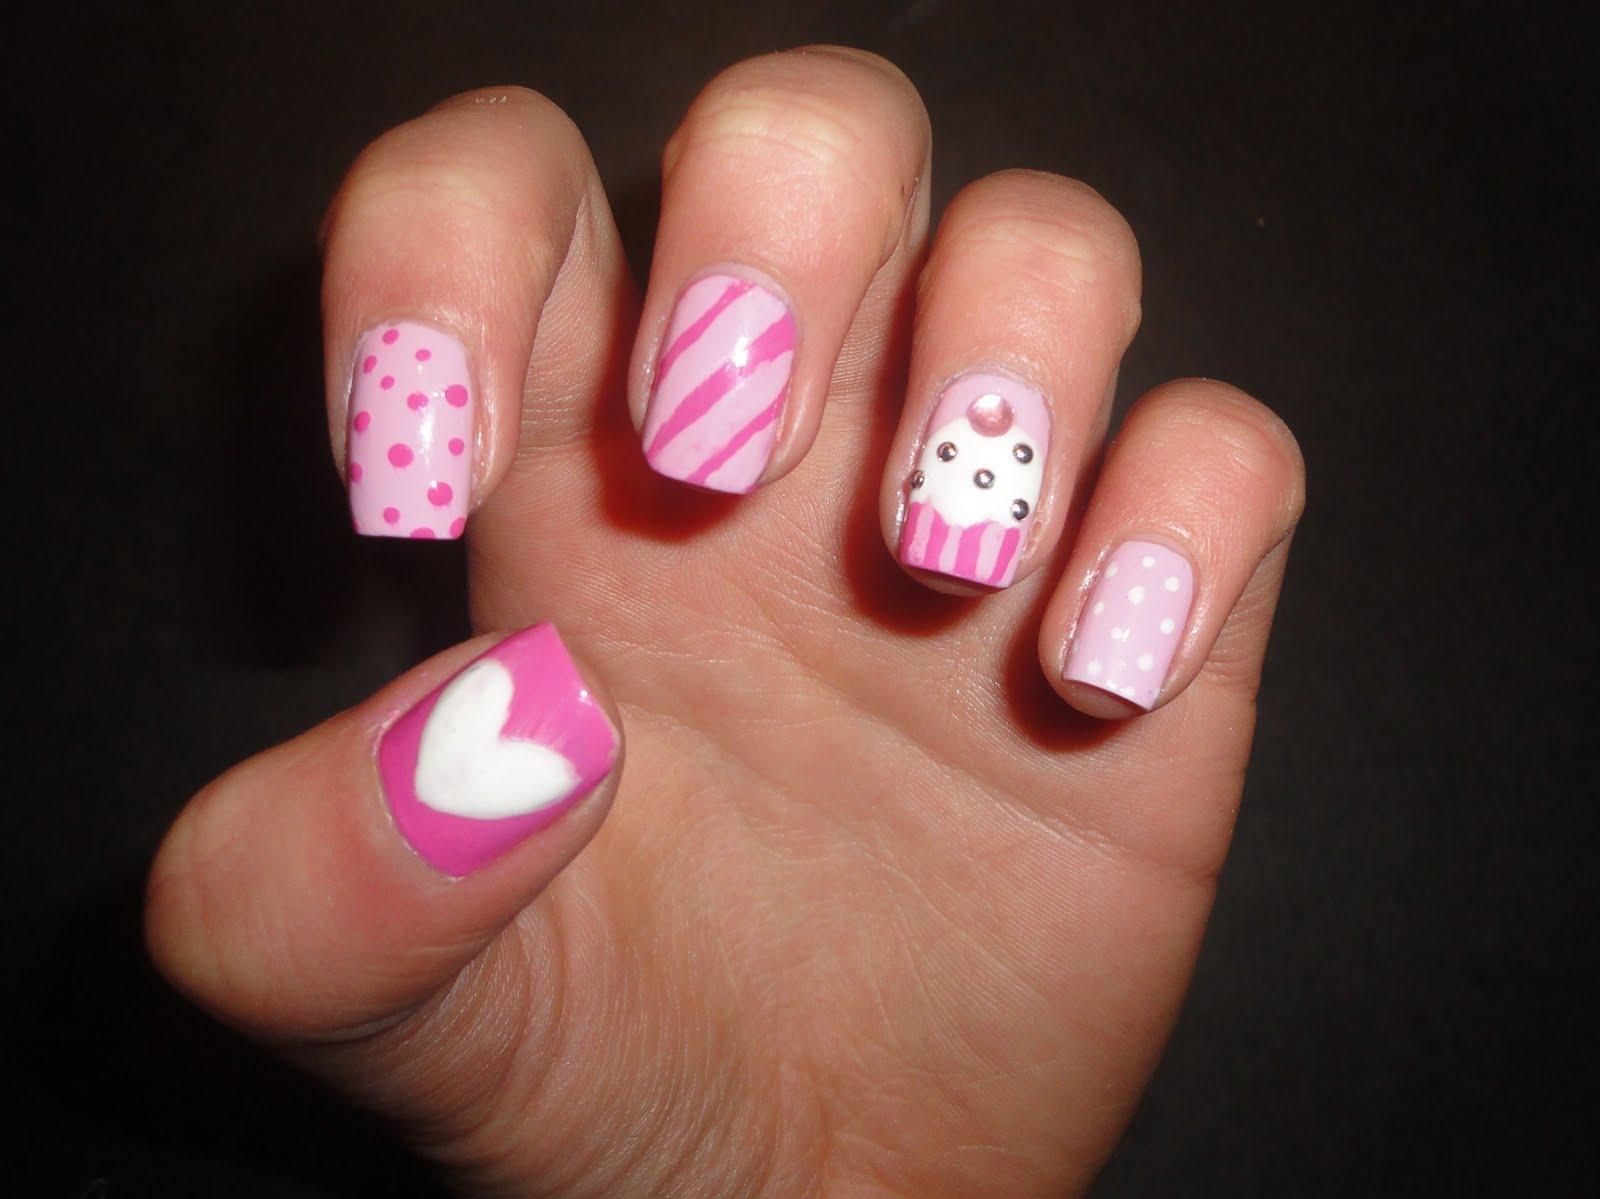 Diseños de uñas fáciles. fotos - Paperblog